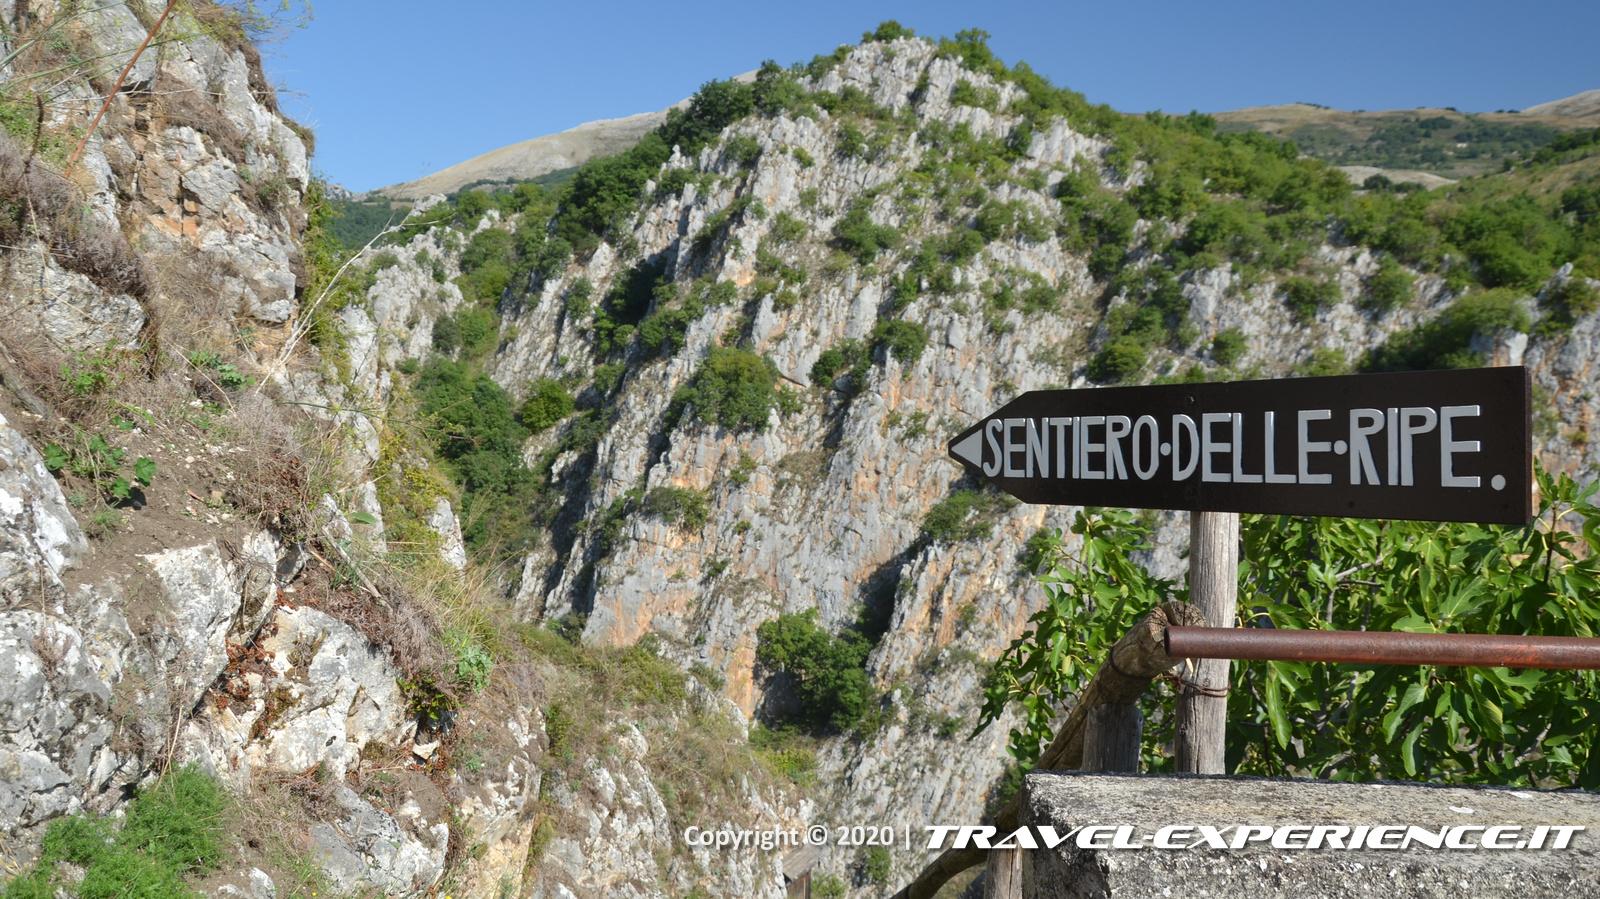 Muro Lucano, sentiero delle ripe